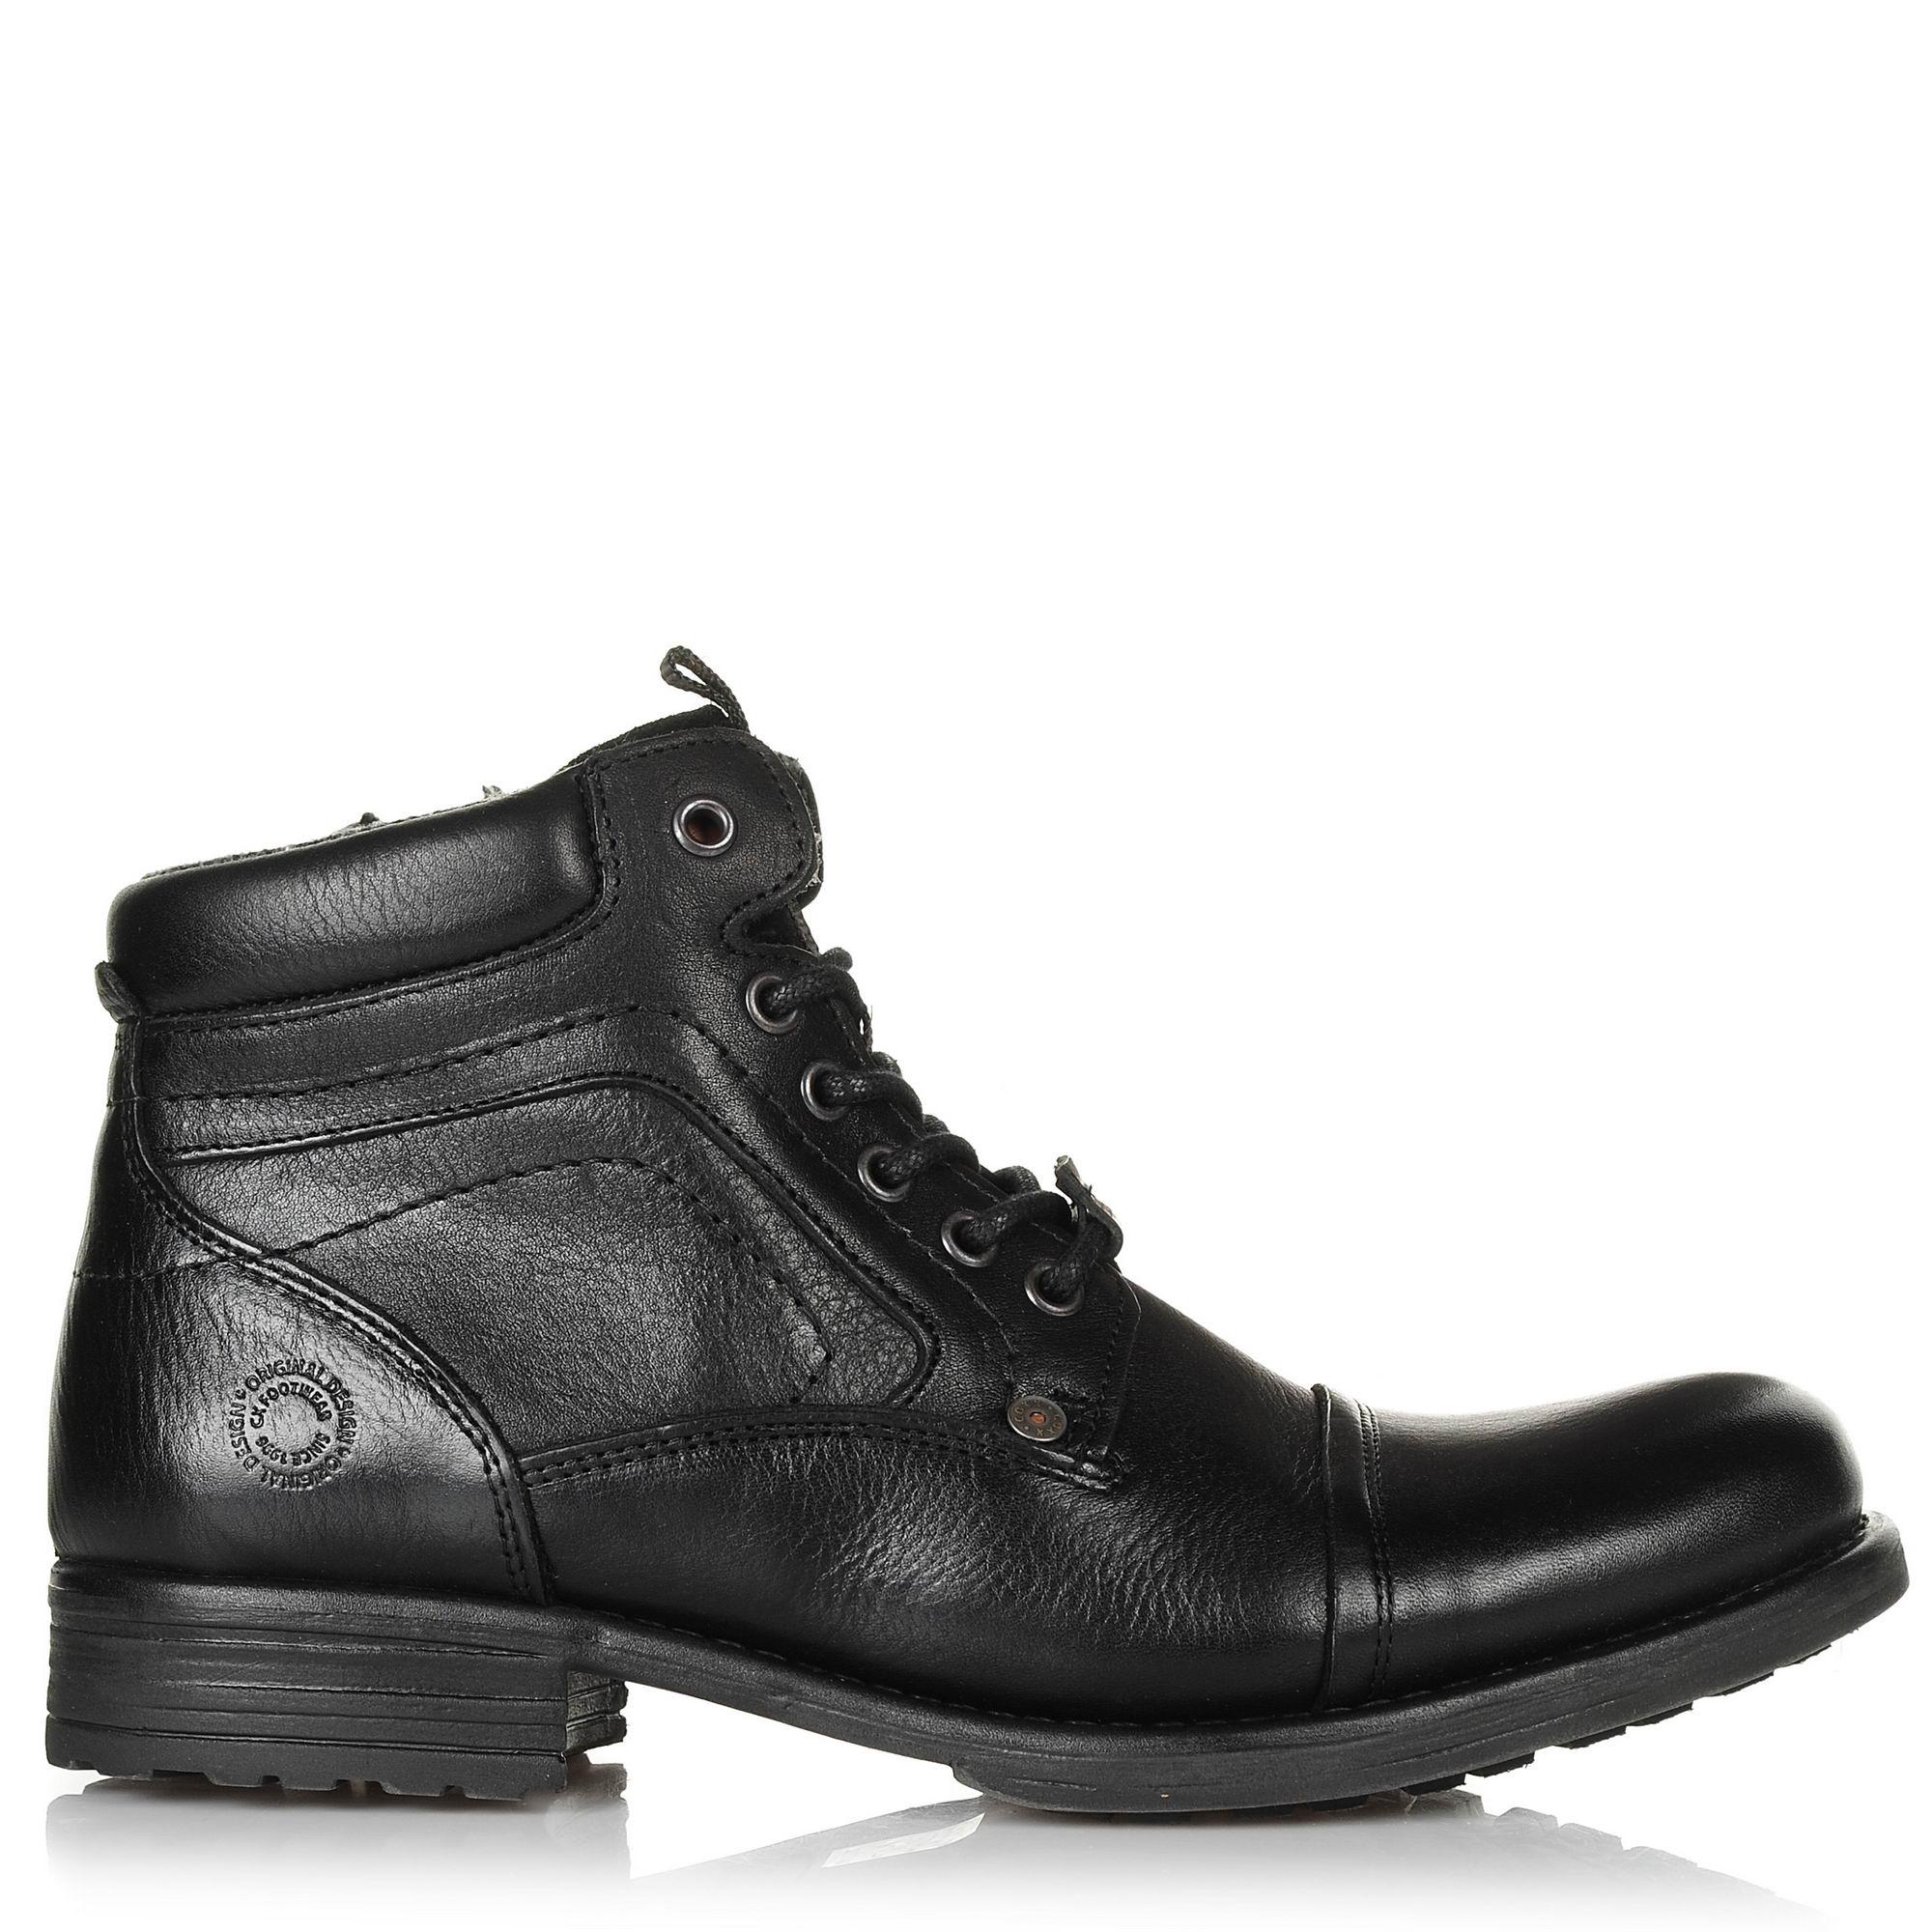 Δερμάτινα Μποτάκια Coxx Borba Magoz6182 ανδρας   ανδρικό παπούτσι